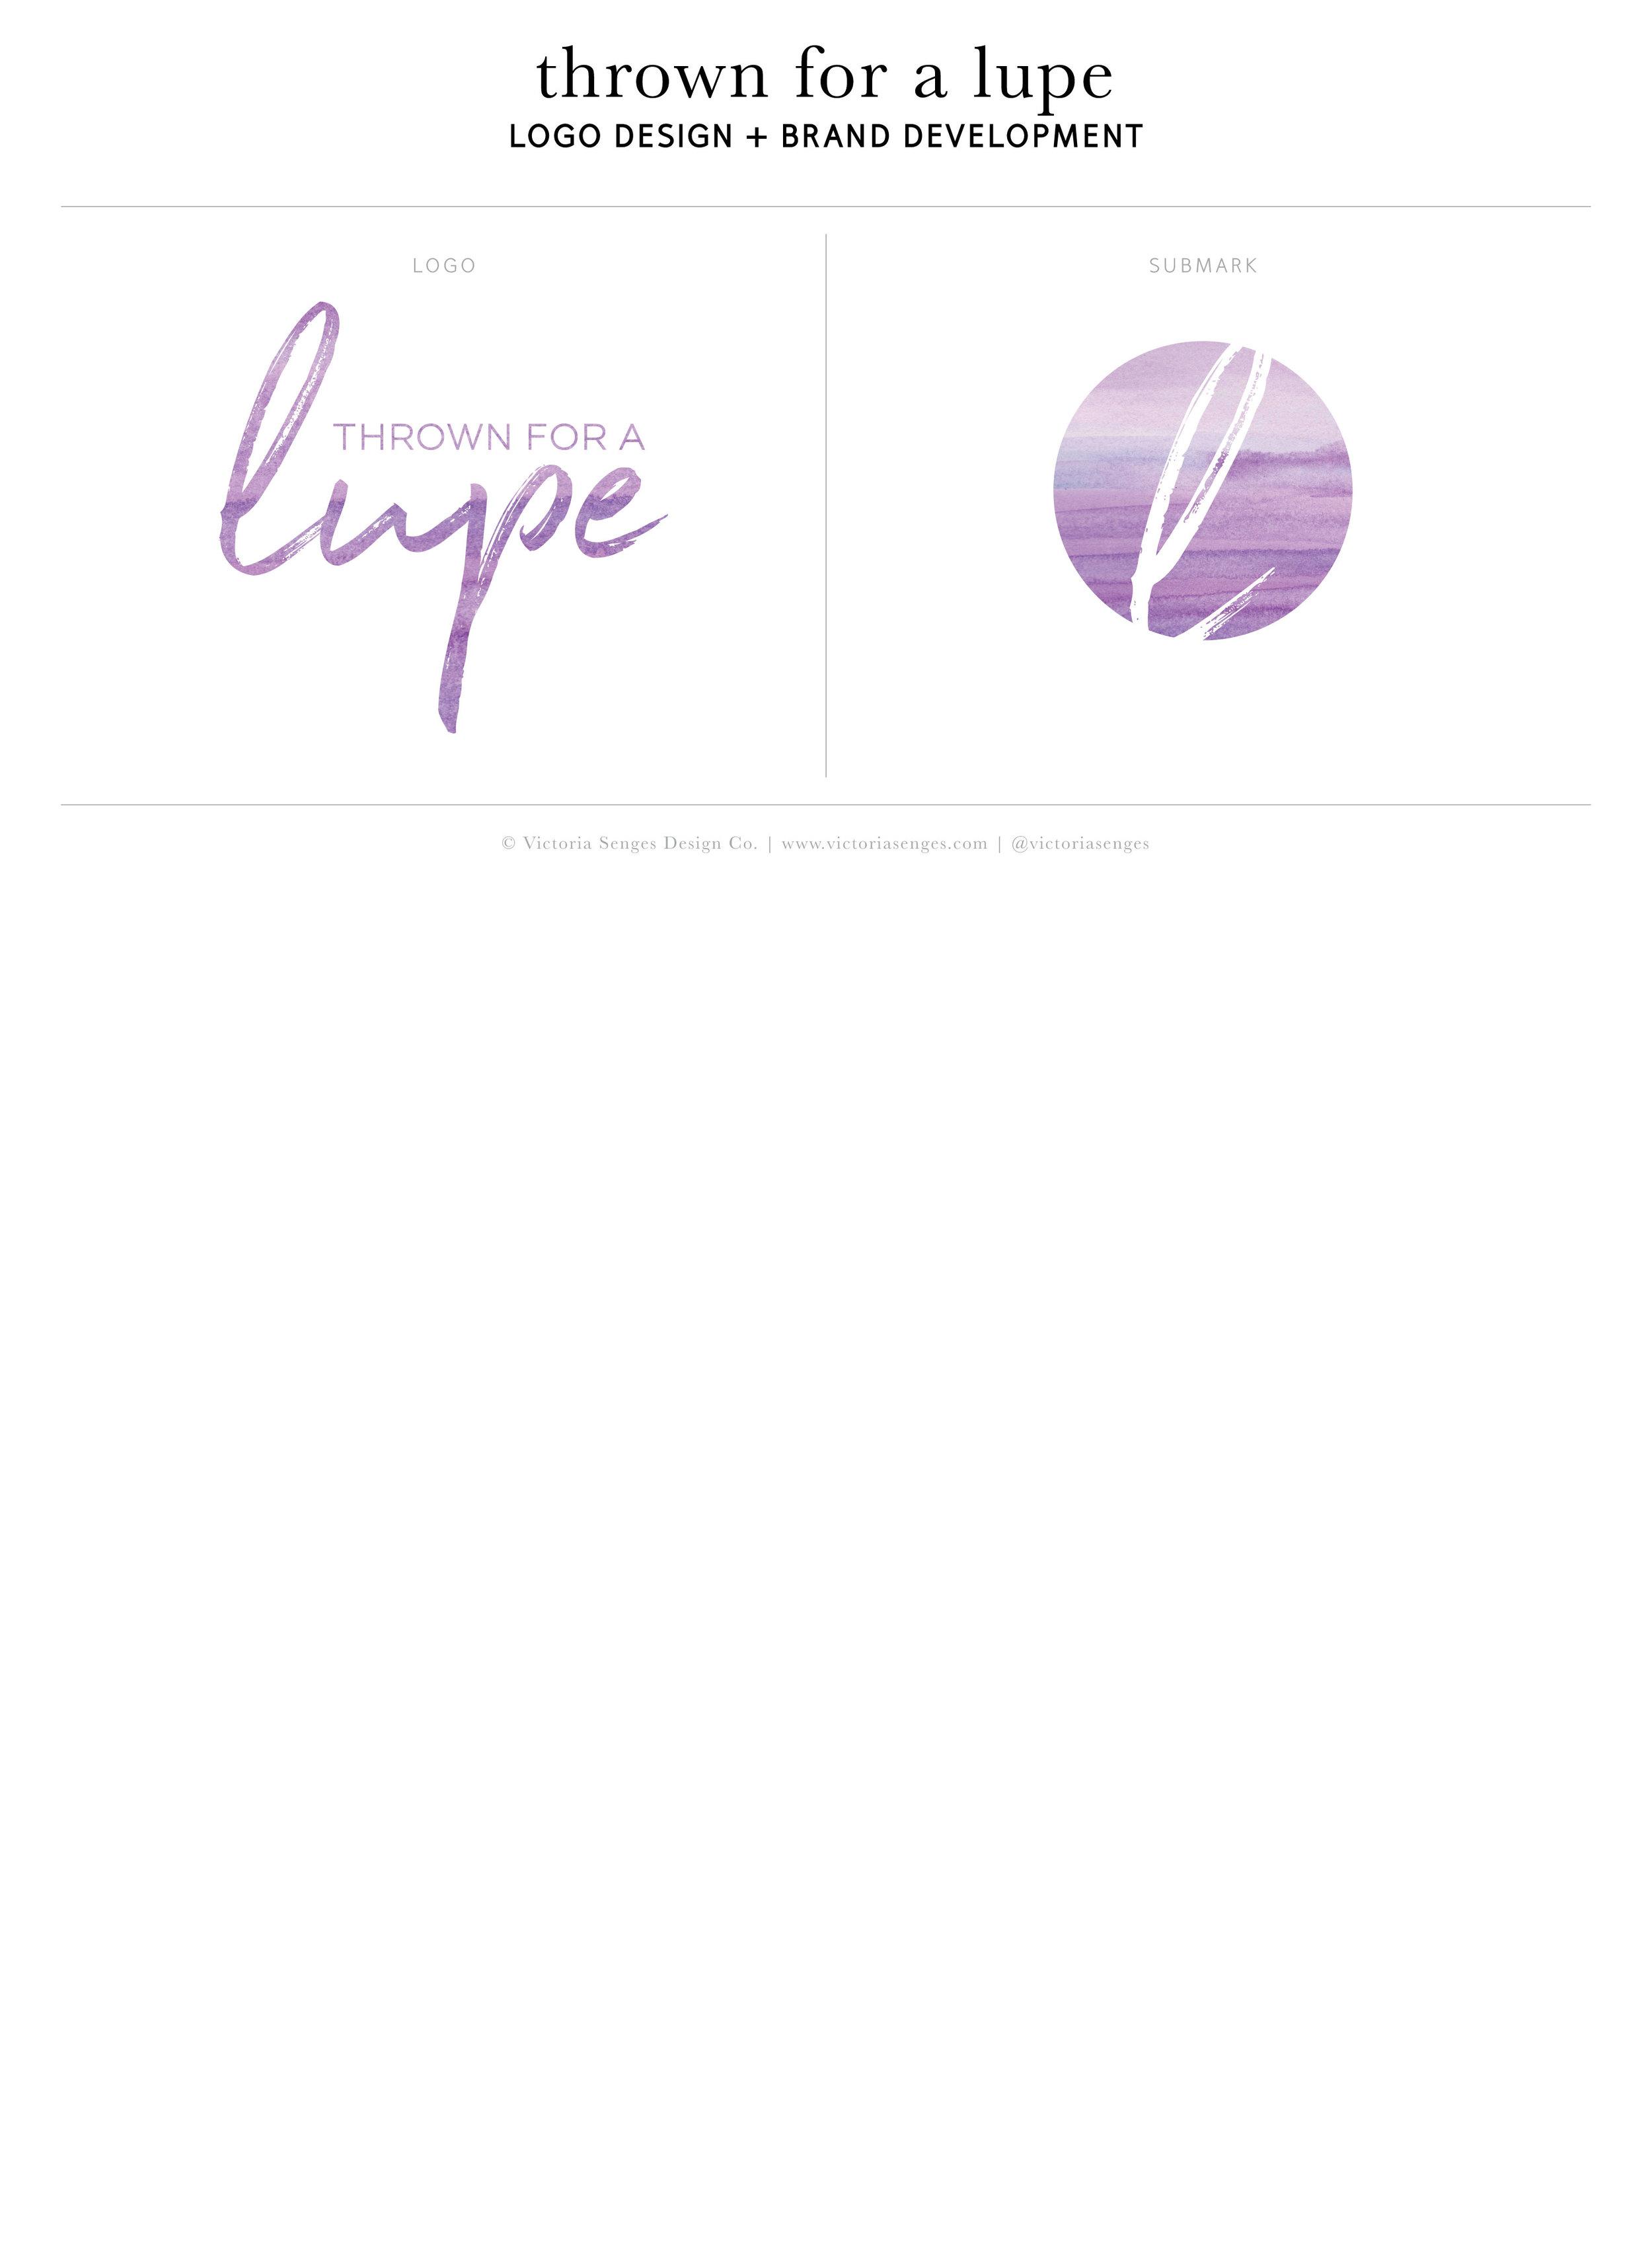 thrownforalupe-branding.jpg